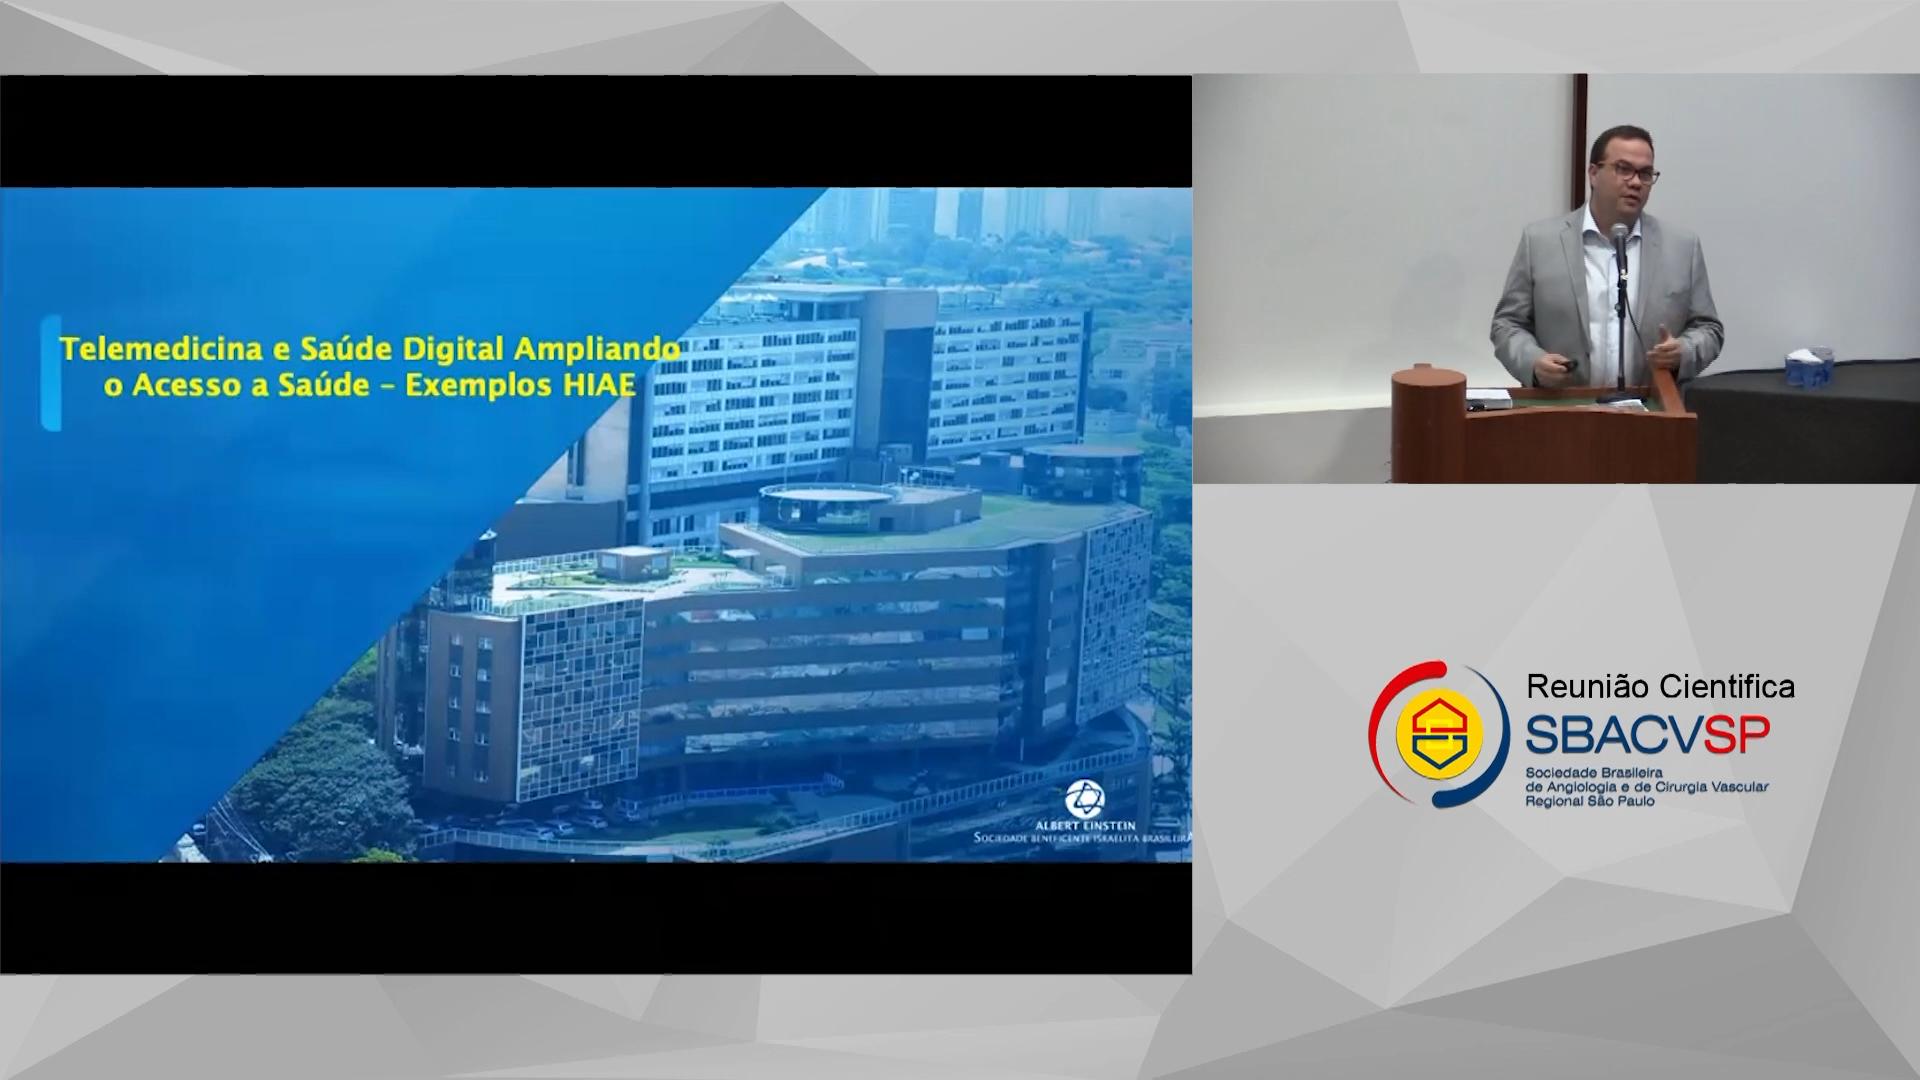 Telemedicina e Saúde Digital Ampliando o Acesso a Saúde – Exemplos HIAE